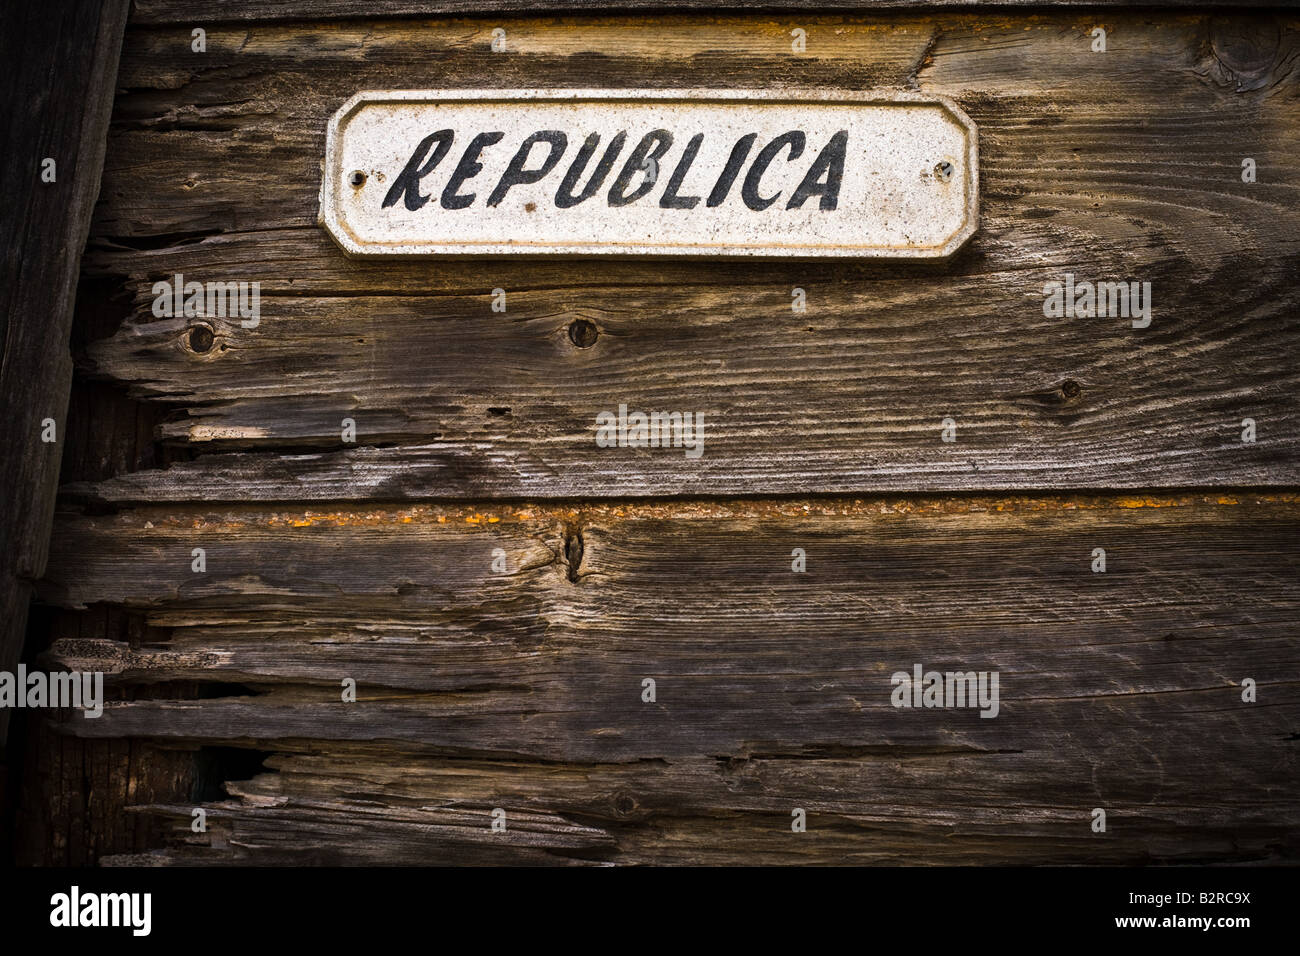 Panneau indiquant le nom de la rue Republica à Baracoa, Cuba Photo Stock